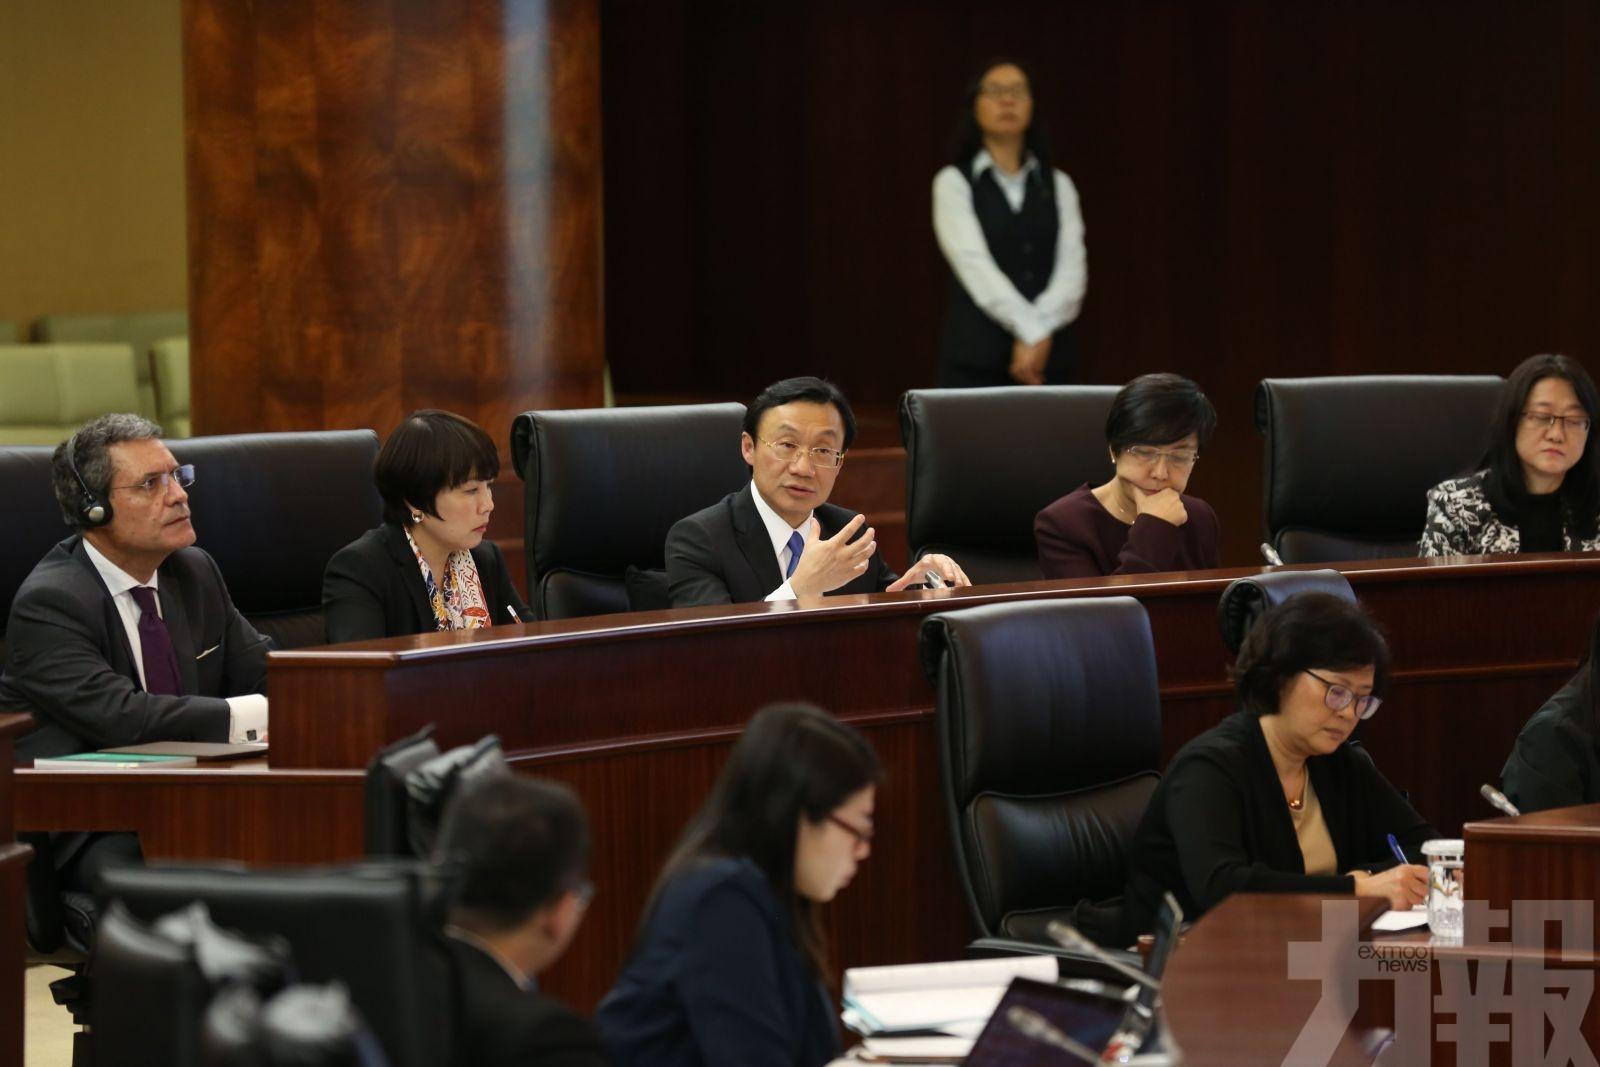 譚俊榮強調非法旅館不會合法化